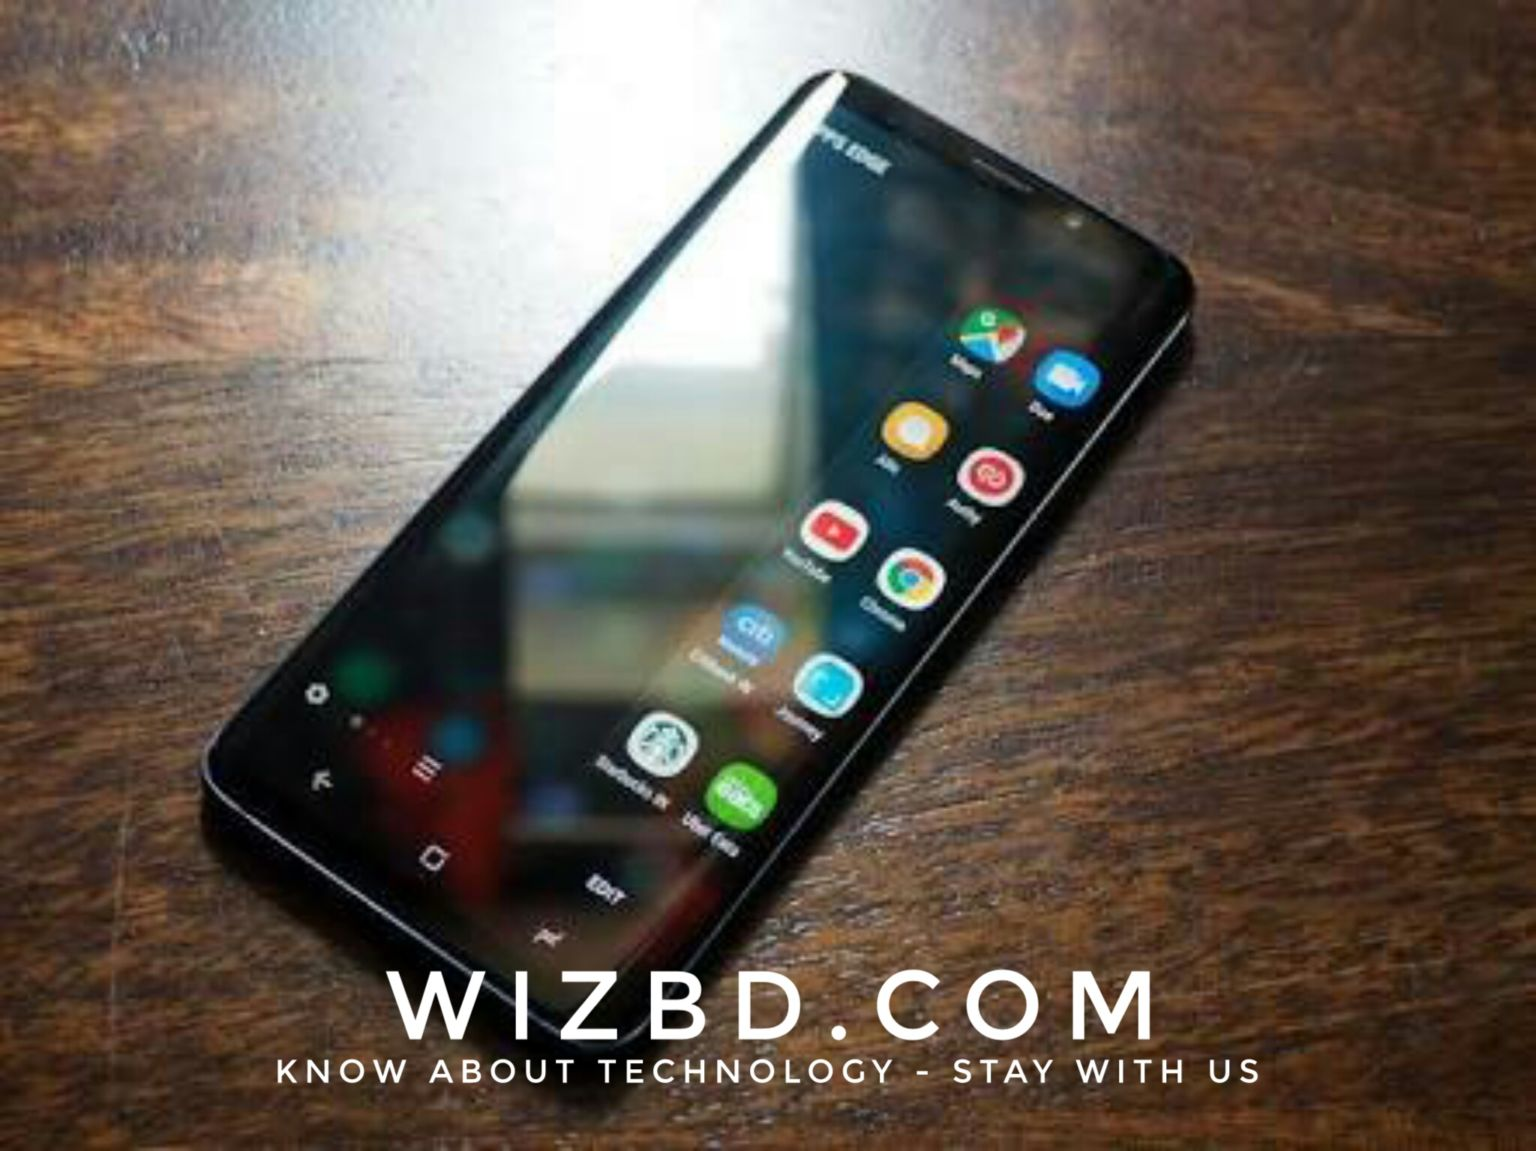 কেমন হয় যদি আপনার ফোনটি হয়ে উঠে Samsung Galaxy S9 এর মতো মাত্র ৩ এম্বির একটি অ্যাপ দিয়ে।